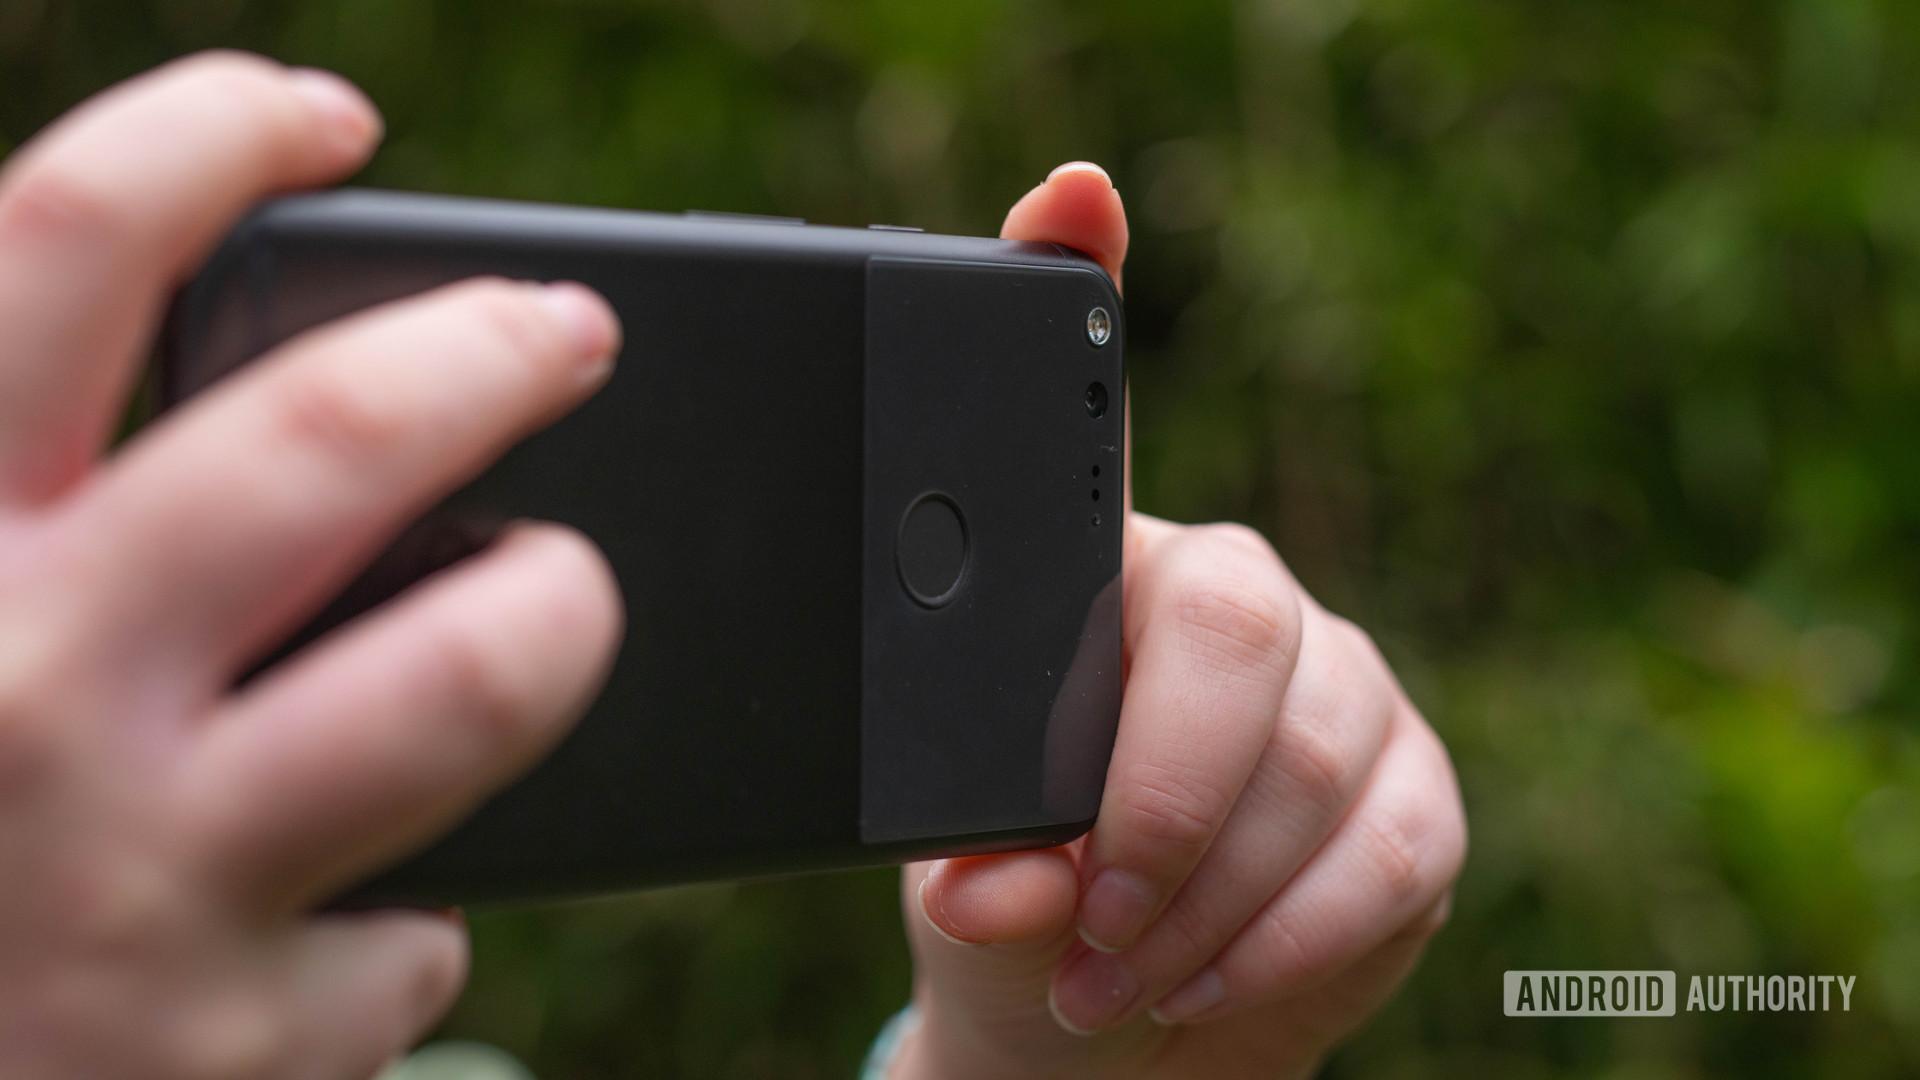 Pixel 1 taking a photo